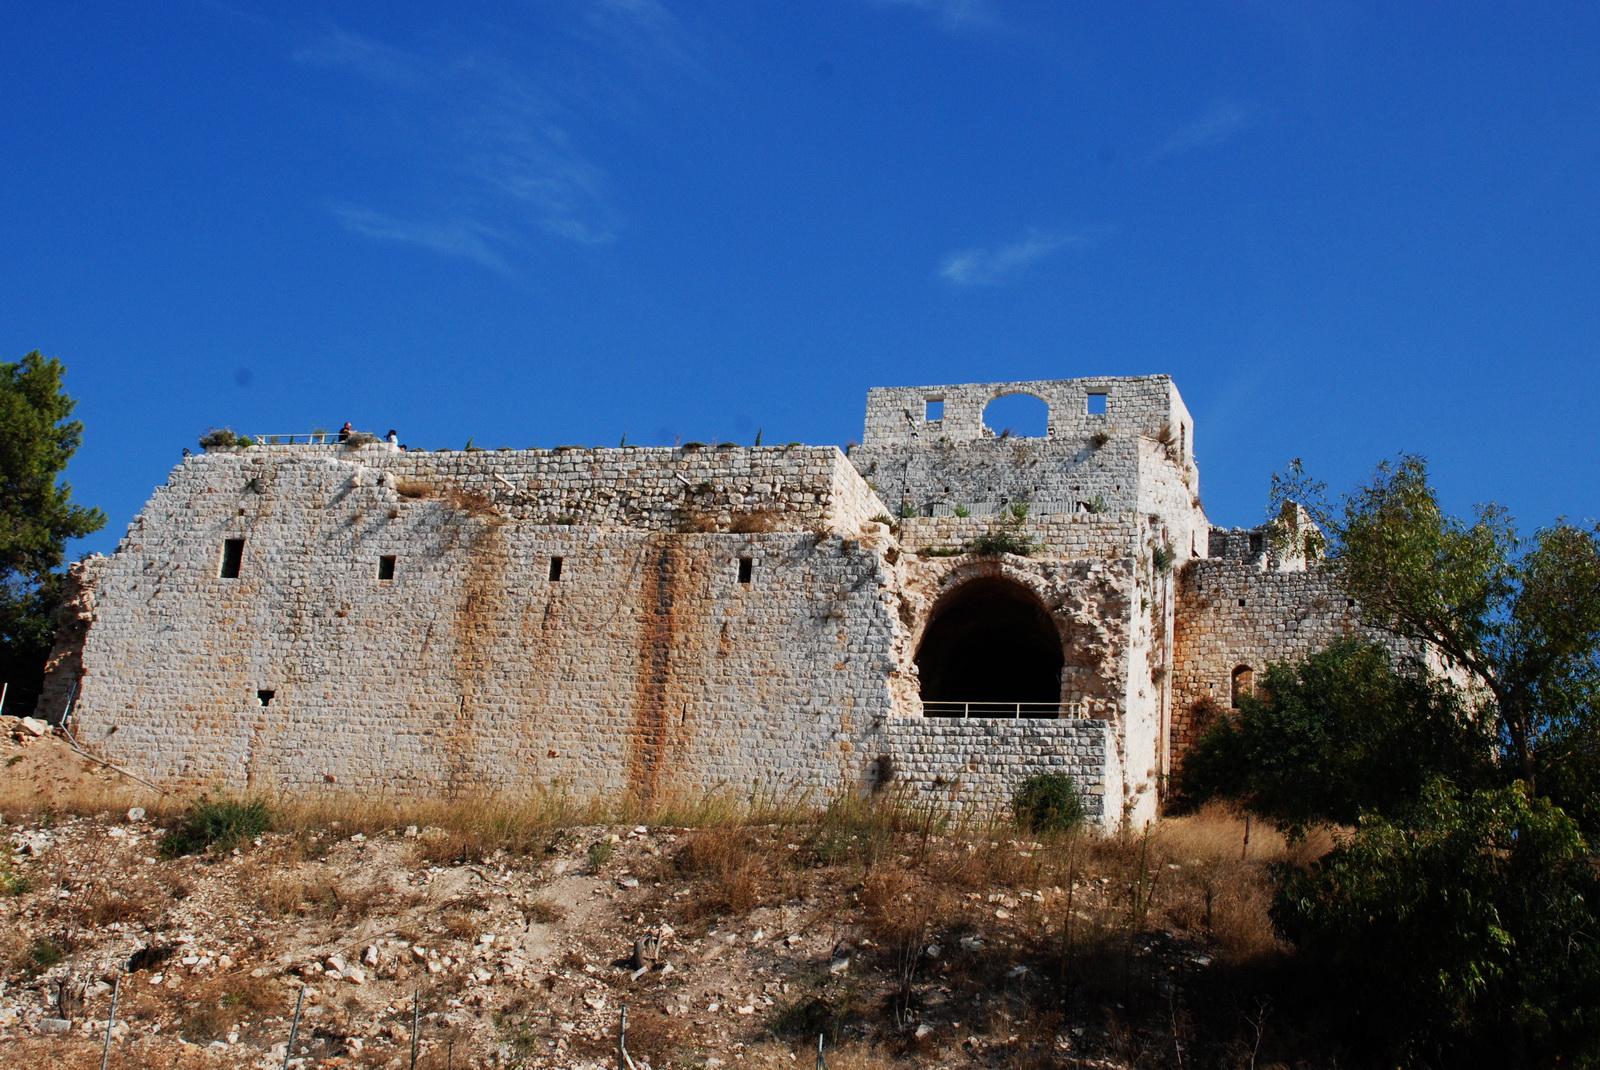 גליל מערבי - קלעת ג'דין = מבצר יחיעם - מבצר צלבני אדיר ושמור